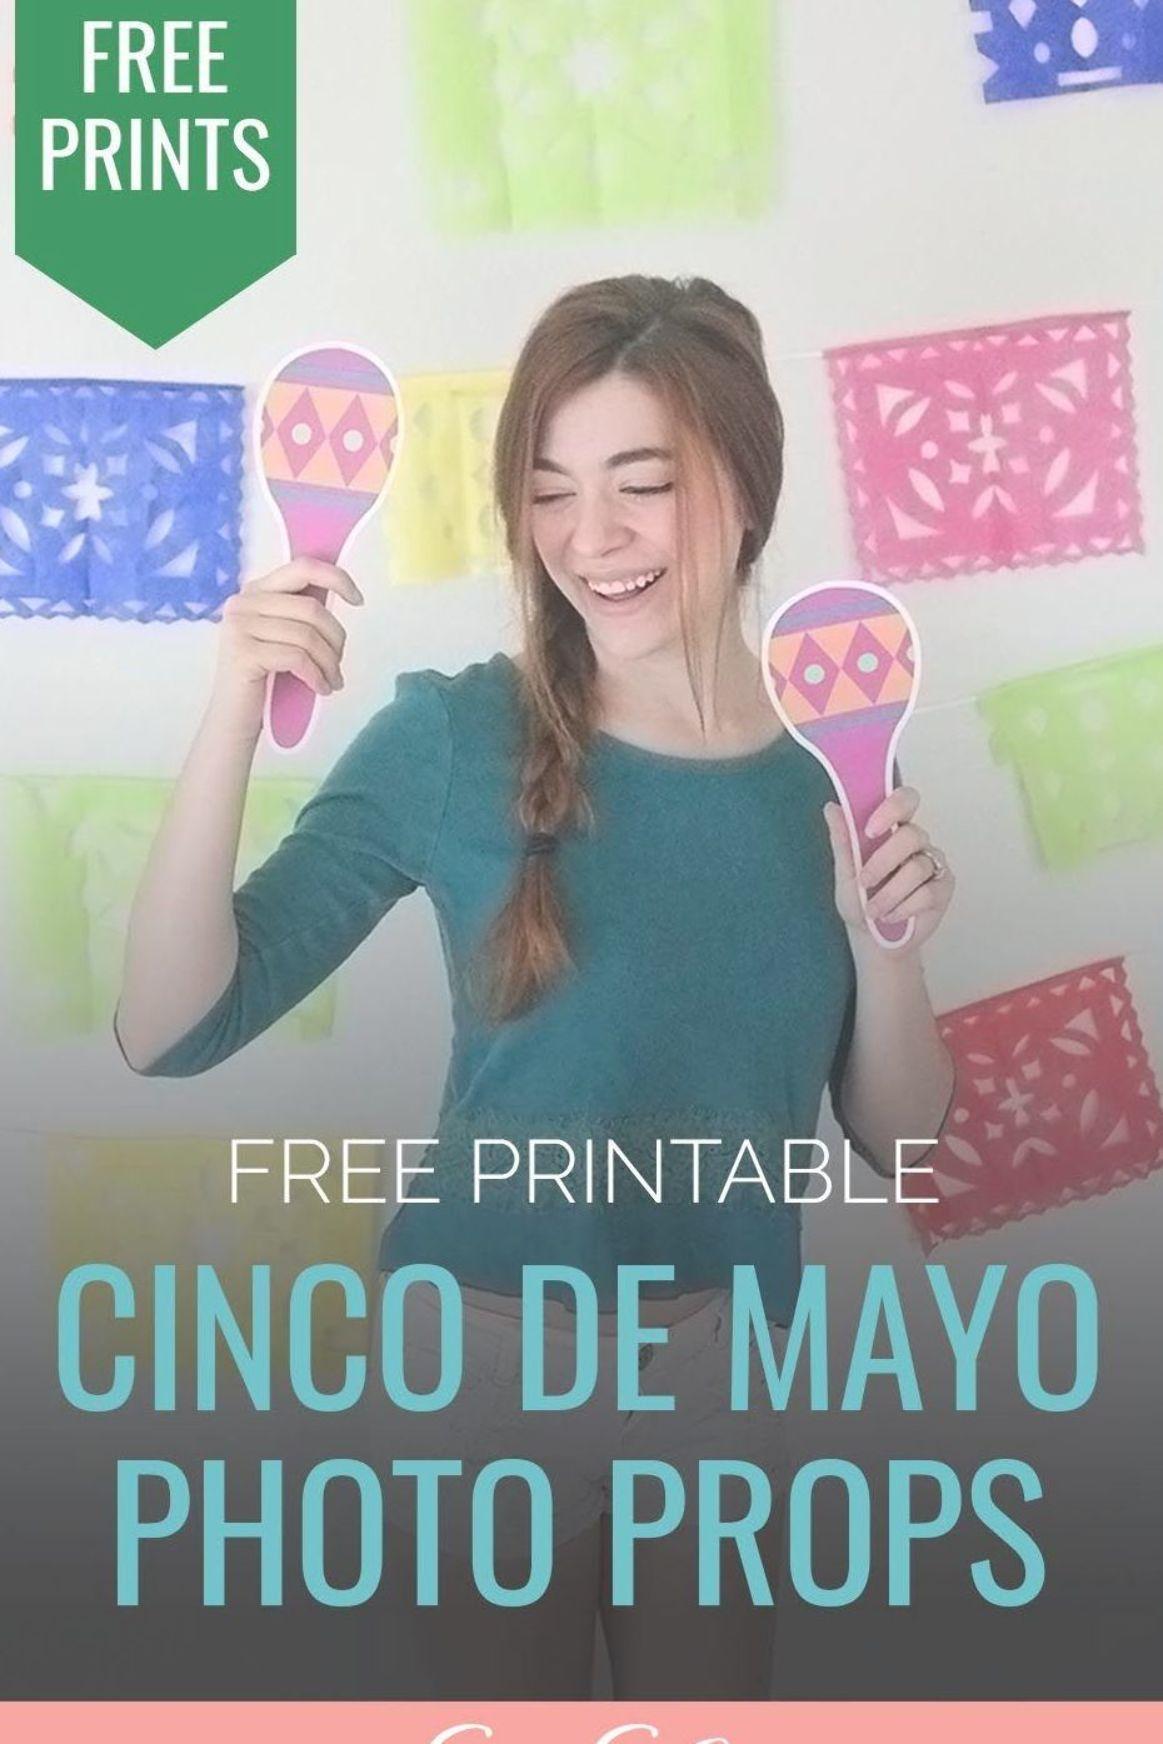 Free Printable Cinco de Mayo Photo Booth Props | Cinco de Mayo Party Decorations…